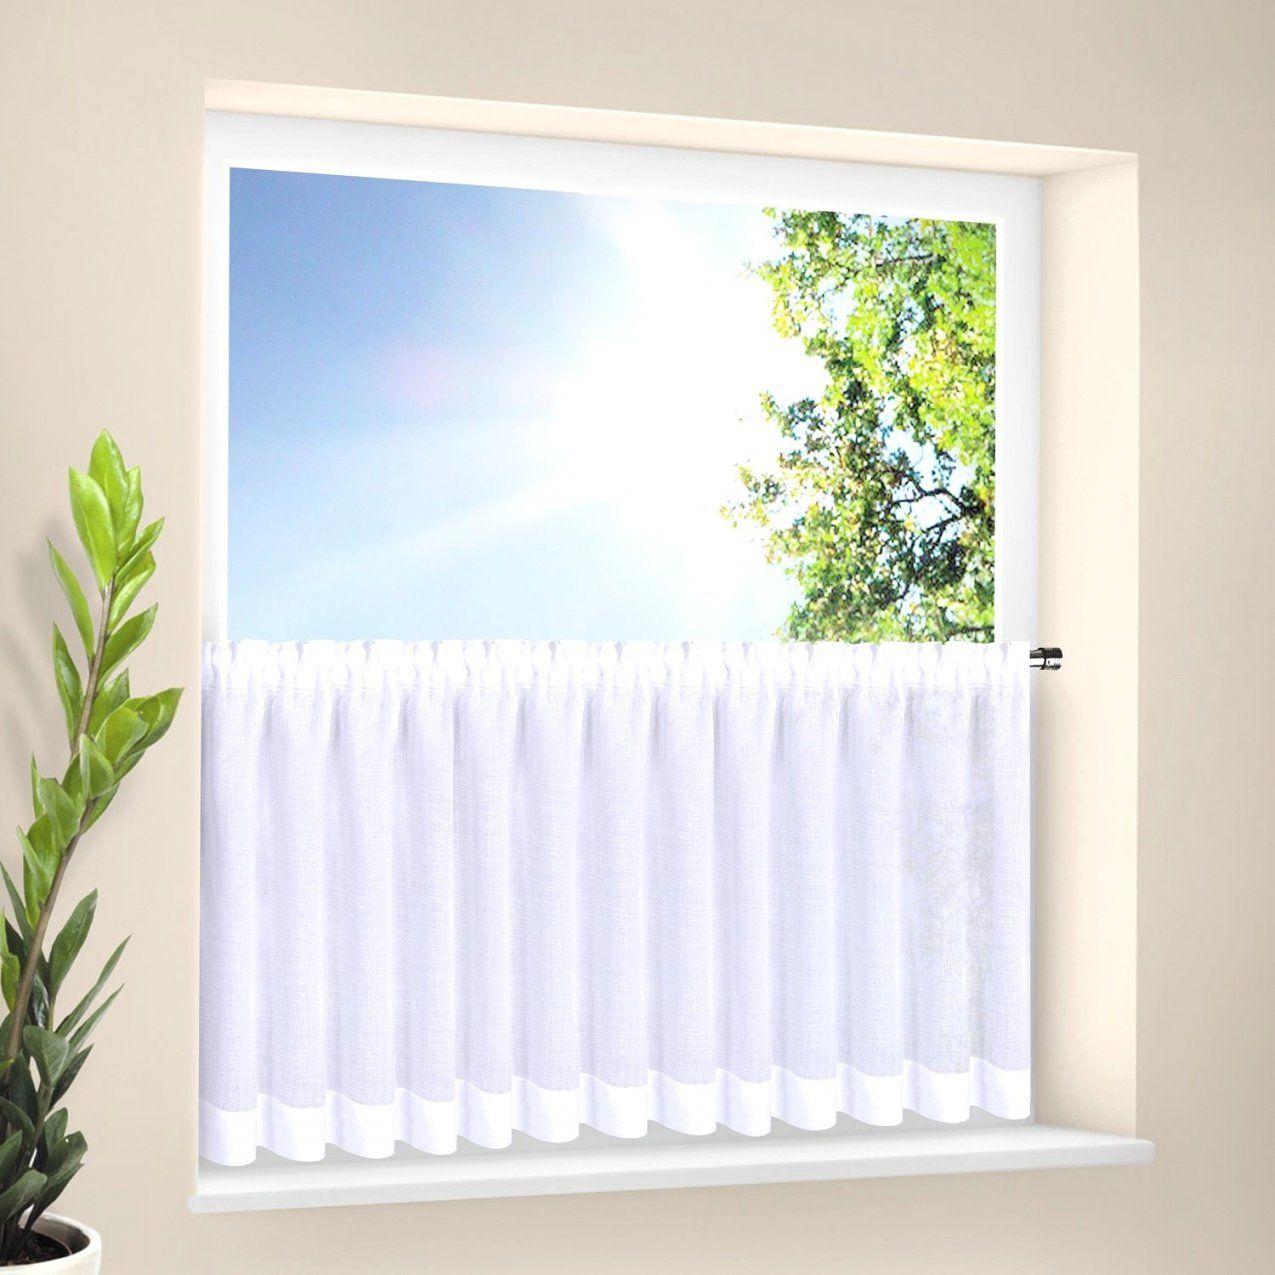 vorhang befestigung ohne bohren excellent gardinen gardinen direkt am fenster befestigen von. Black Bedroom Furniture Sets. Home Design Ideas